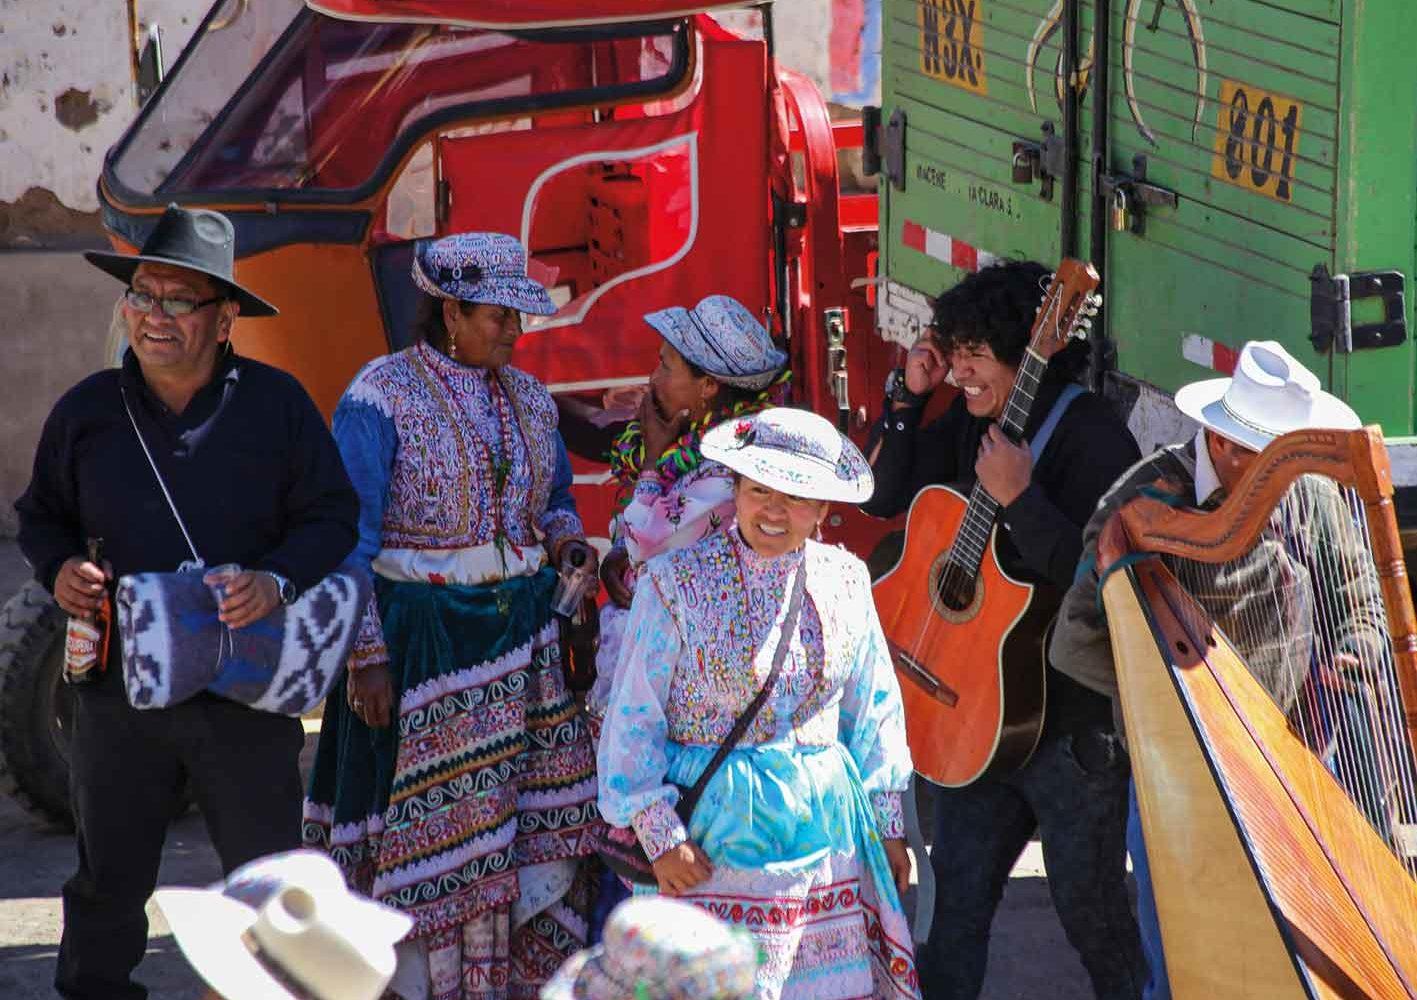 Die Frauen in Peru sind traditionell gekleidet.